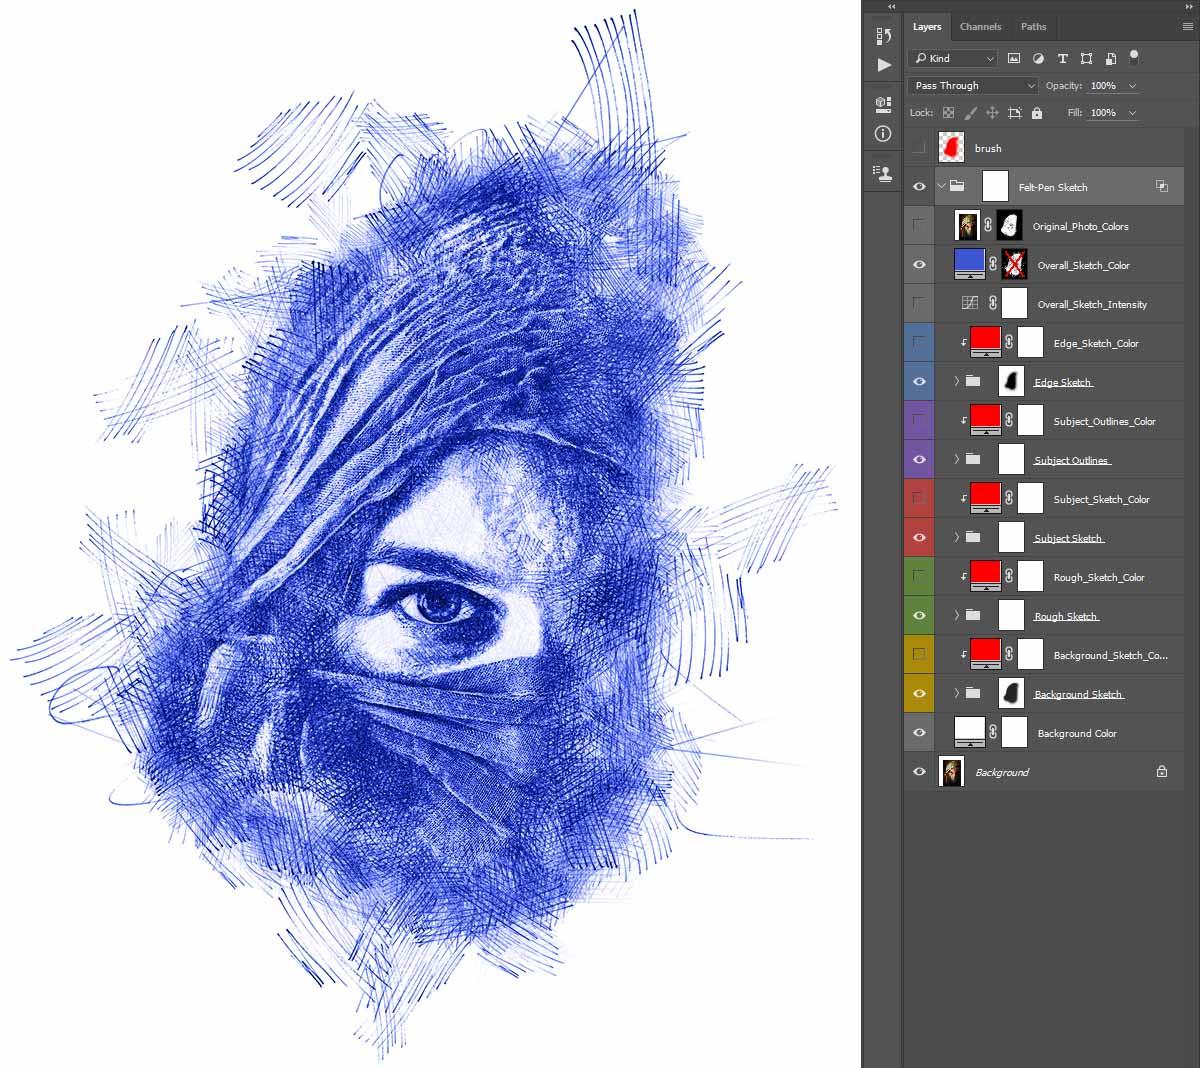 color-fill-layer Felt-Pen Sketch Photoshop Action